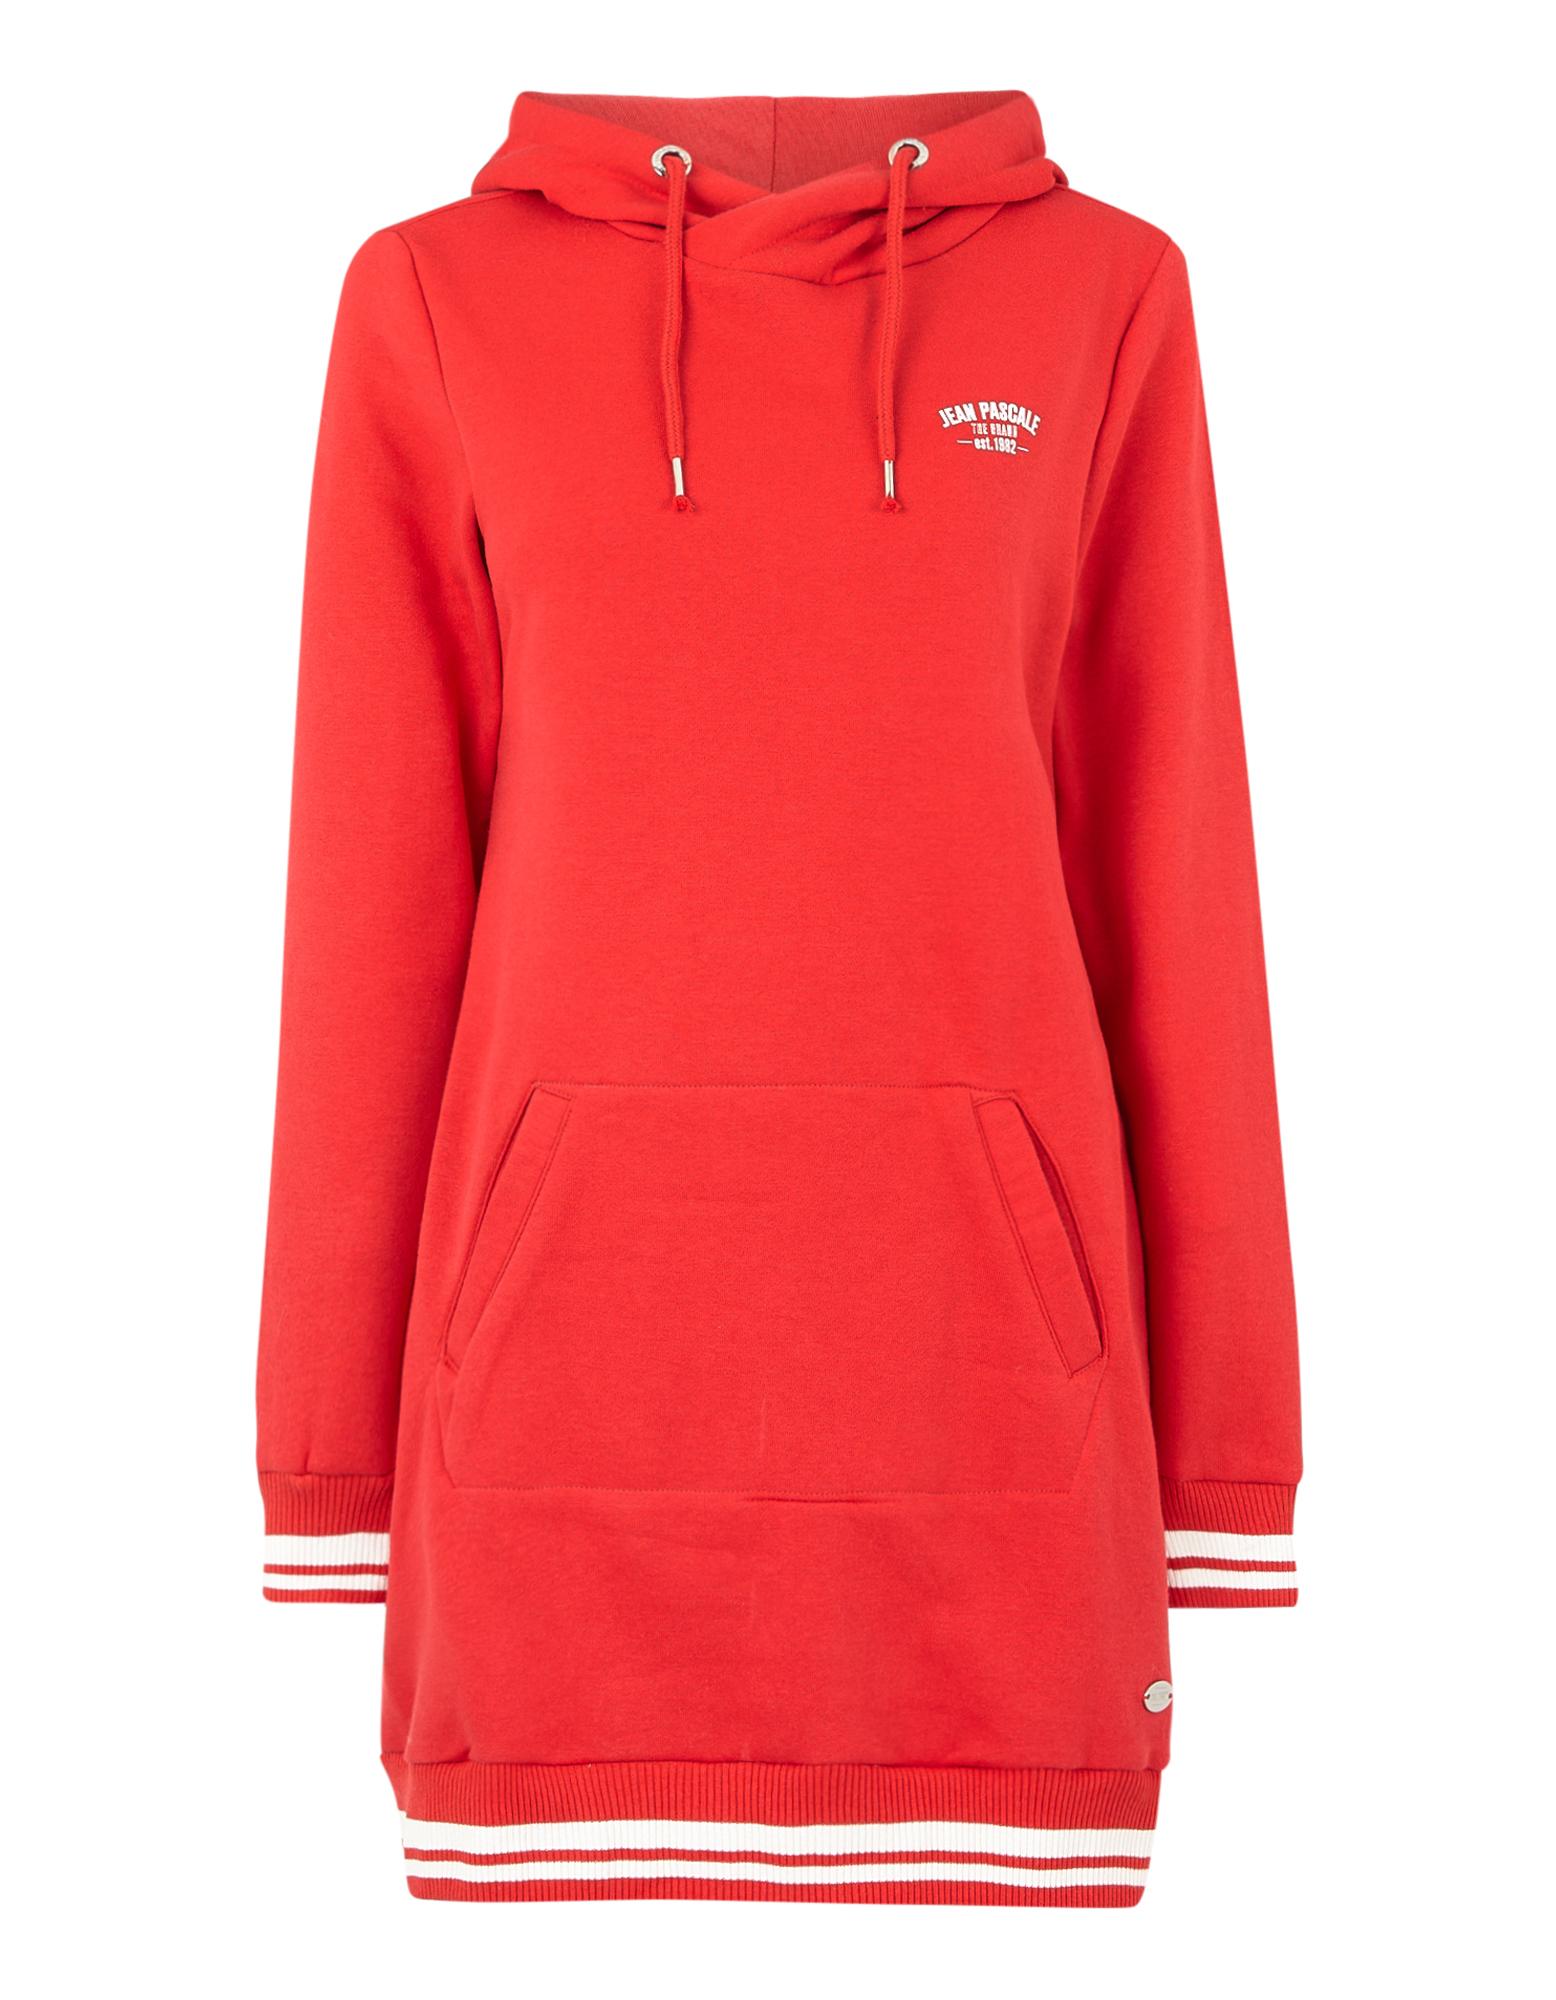 Damen Sweatkleid mit Kapuze | Bekleidung > Kleider > Sweatkleider | Rot | Takko